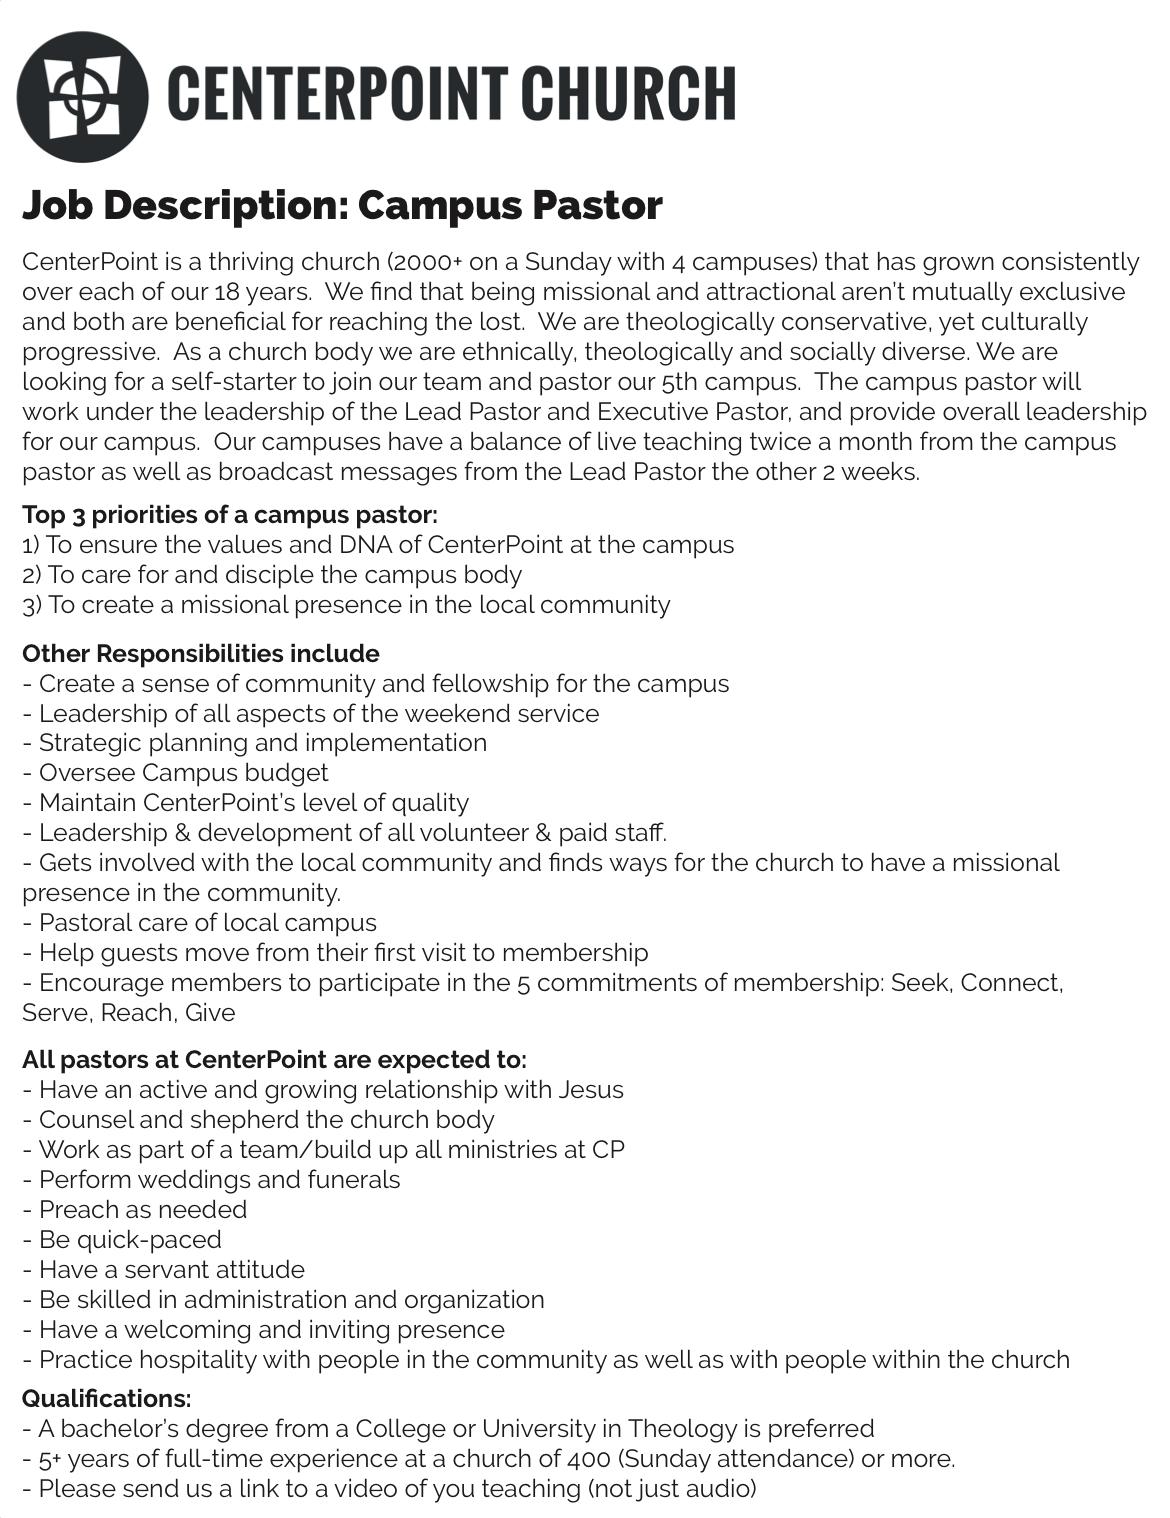 Centerpoint Campus Pastor Job Description